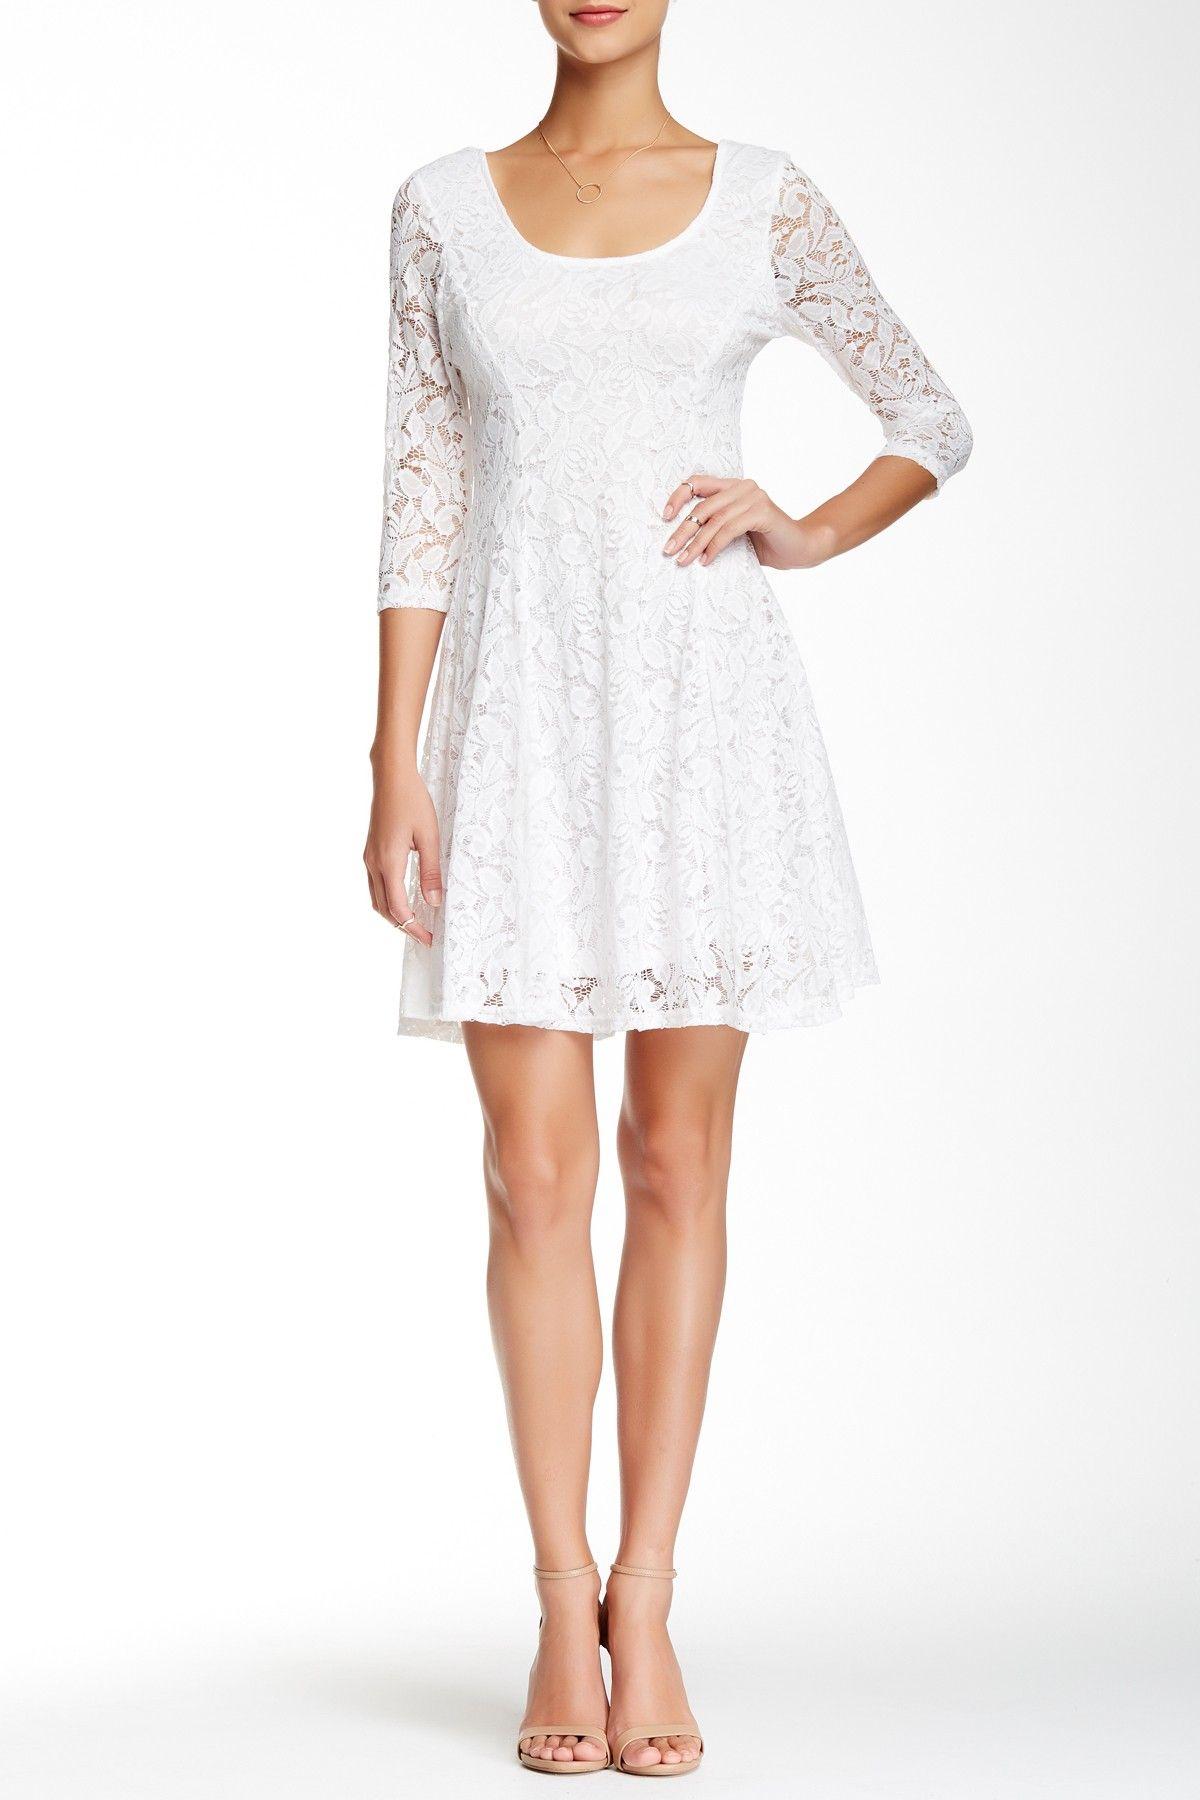 Lace A Line Dress Lace A Line Dress A Line Dress Dresses [ 1800 x 1200 Pixel ]